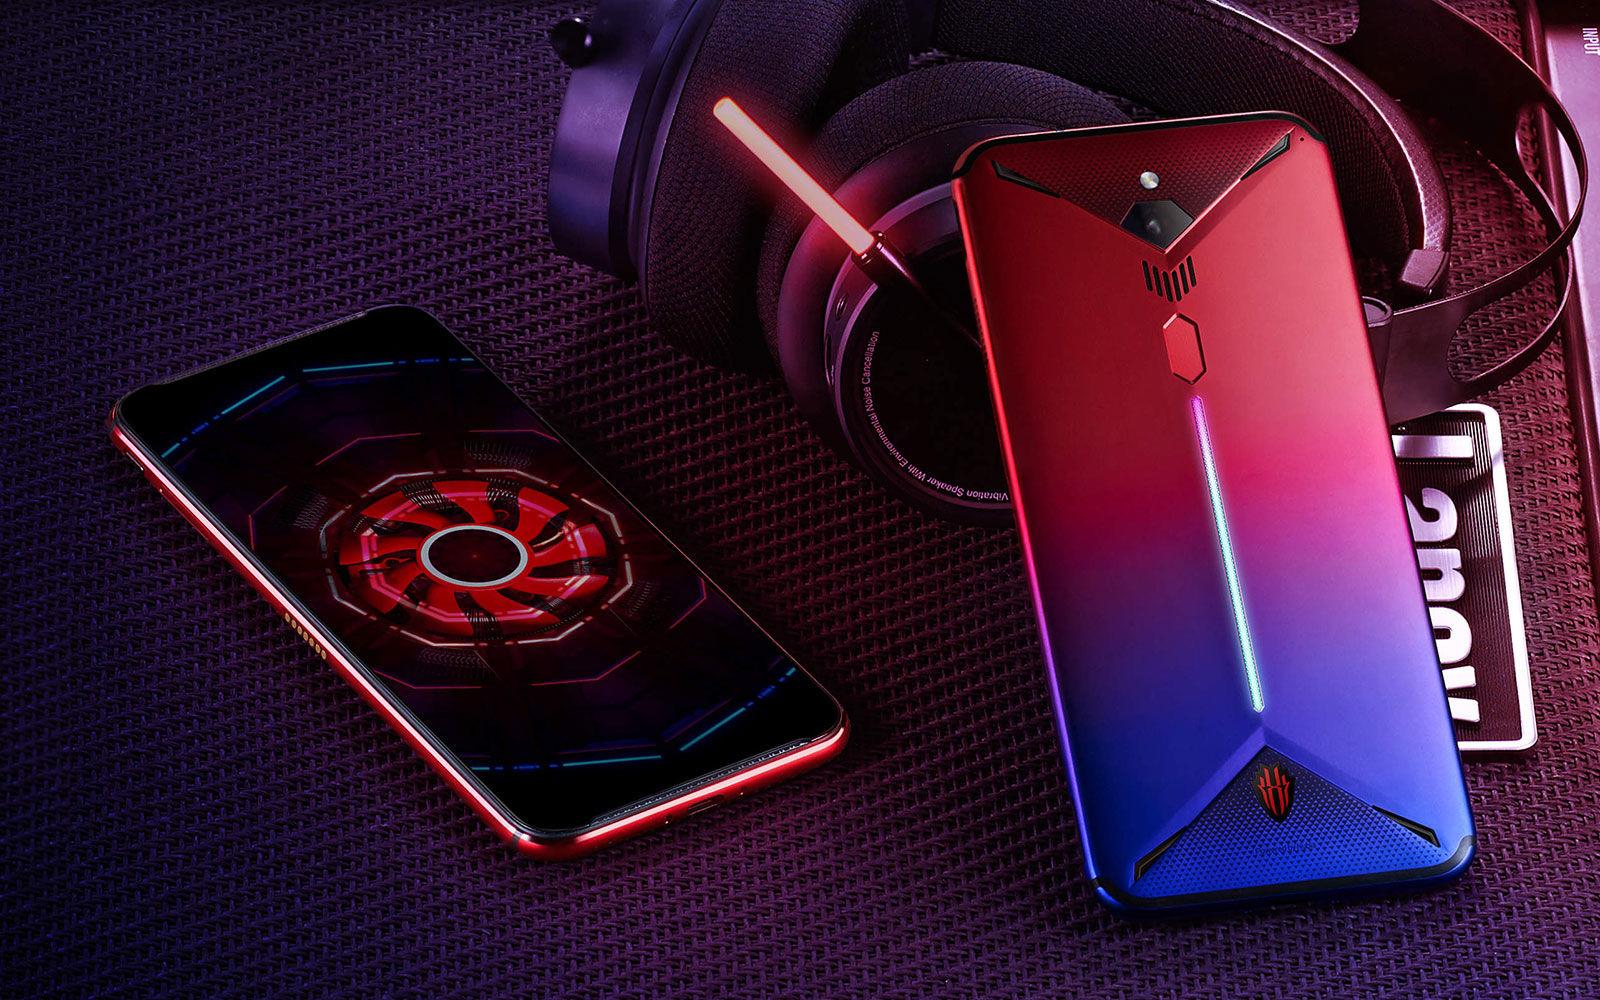 الإعلان عن هاتف الألعاب الجديد Nubia Red Magic 3S